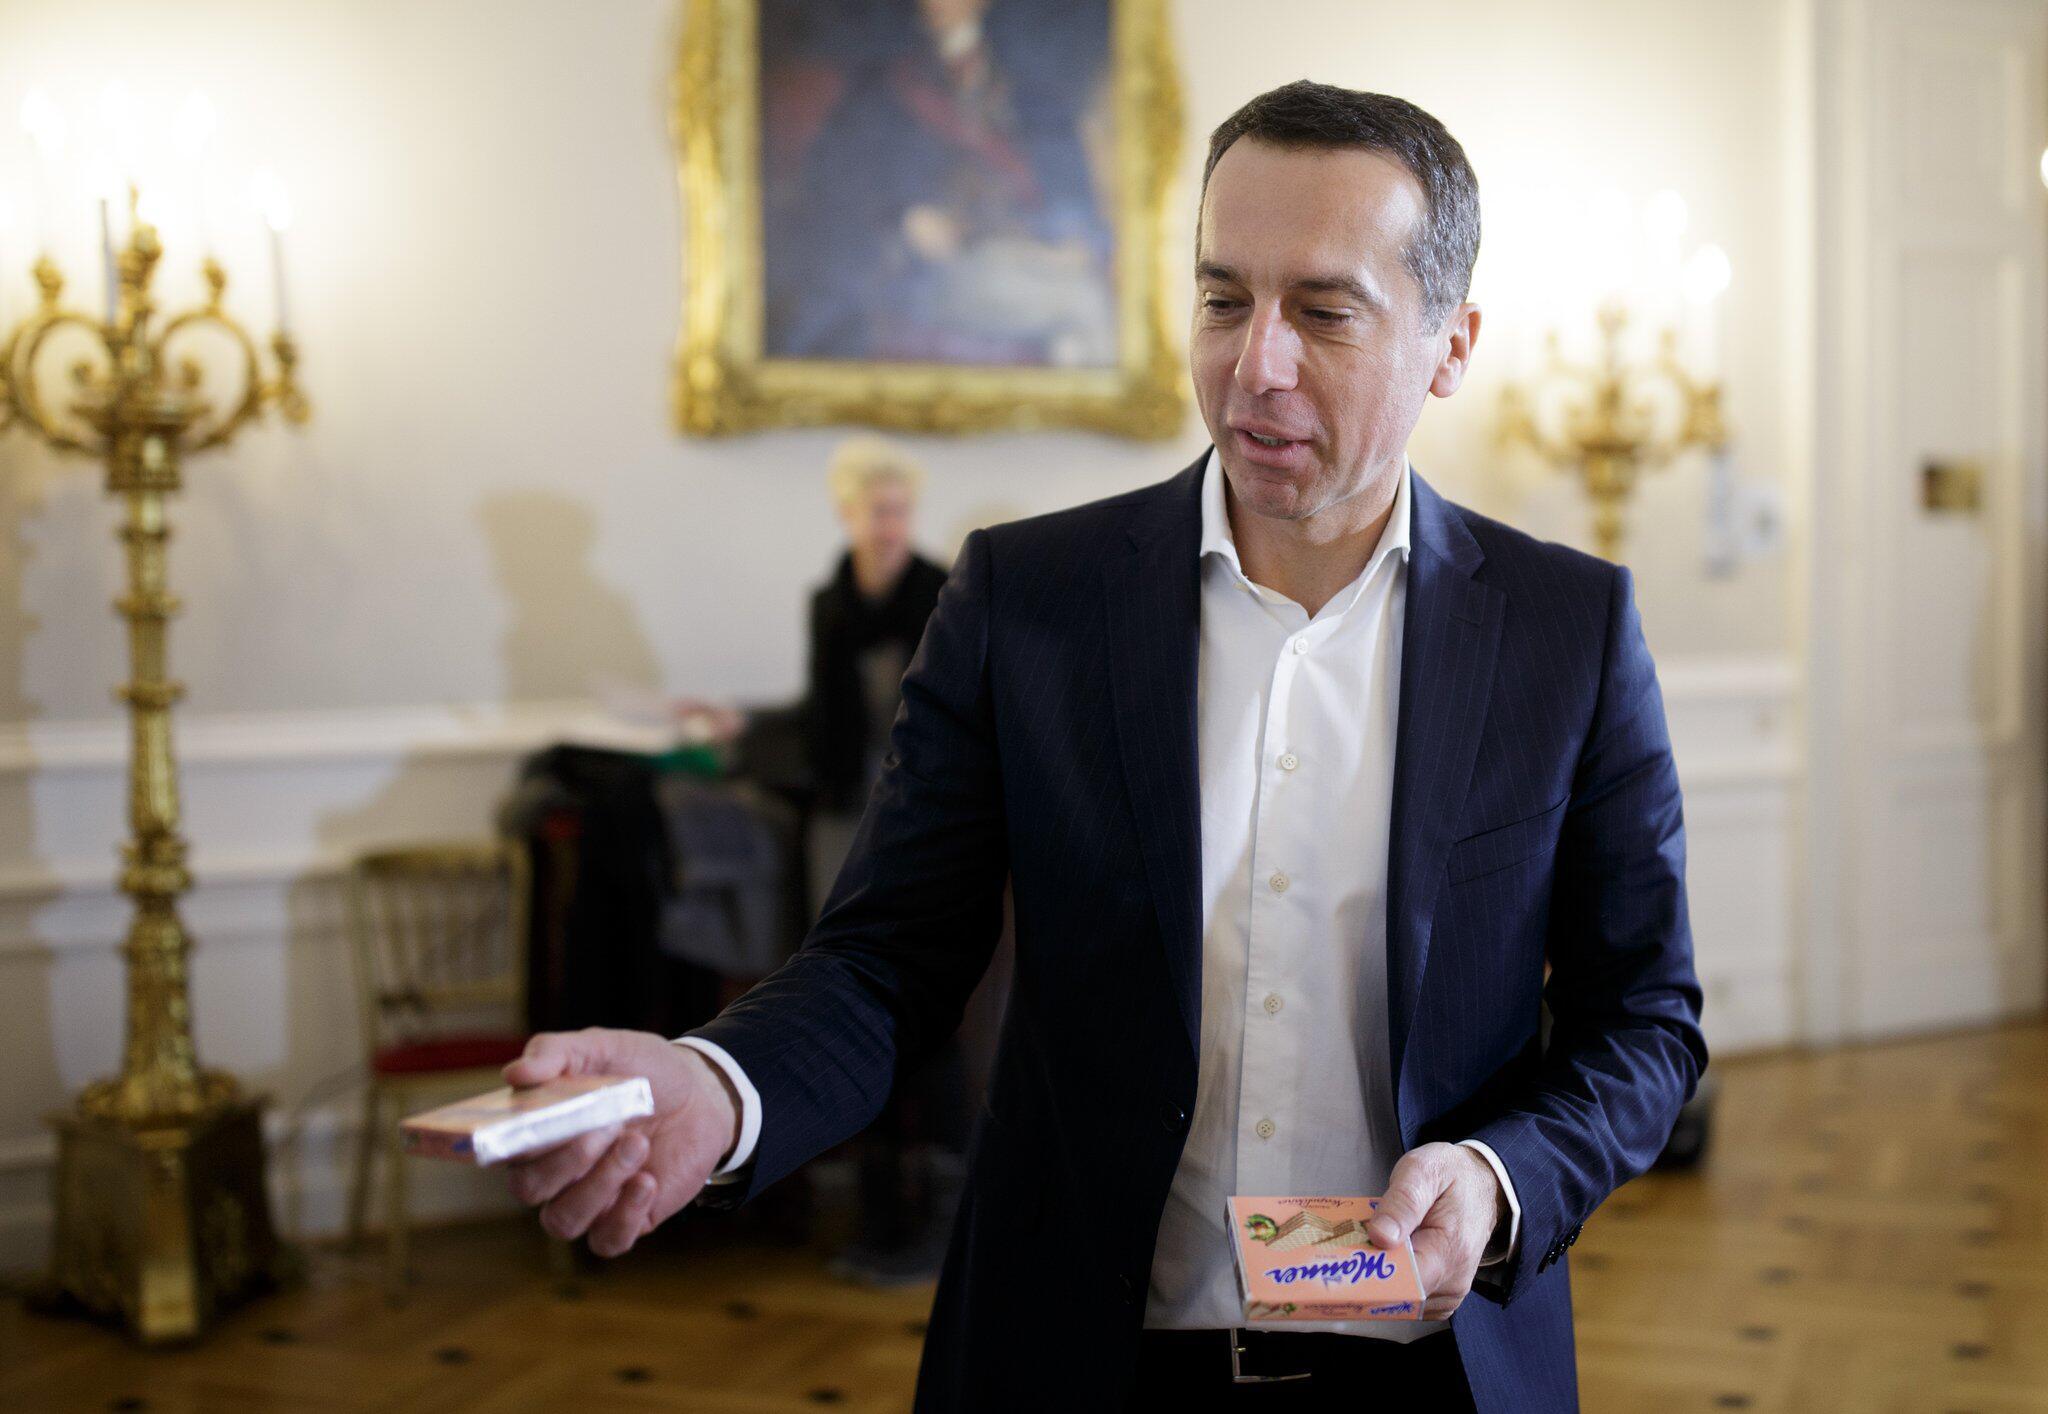 Bild zu Regierungskrise in Österreich, Christian Kern